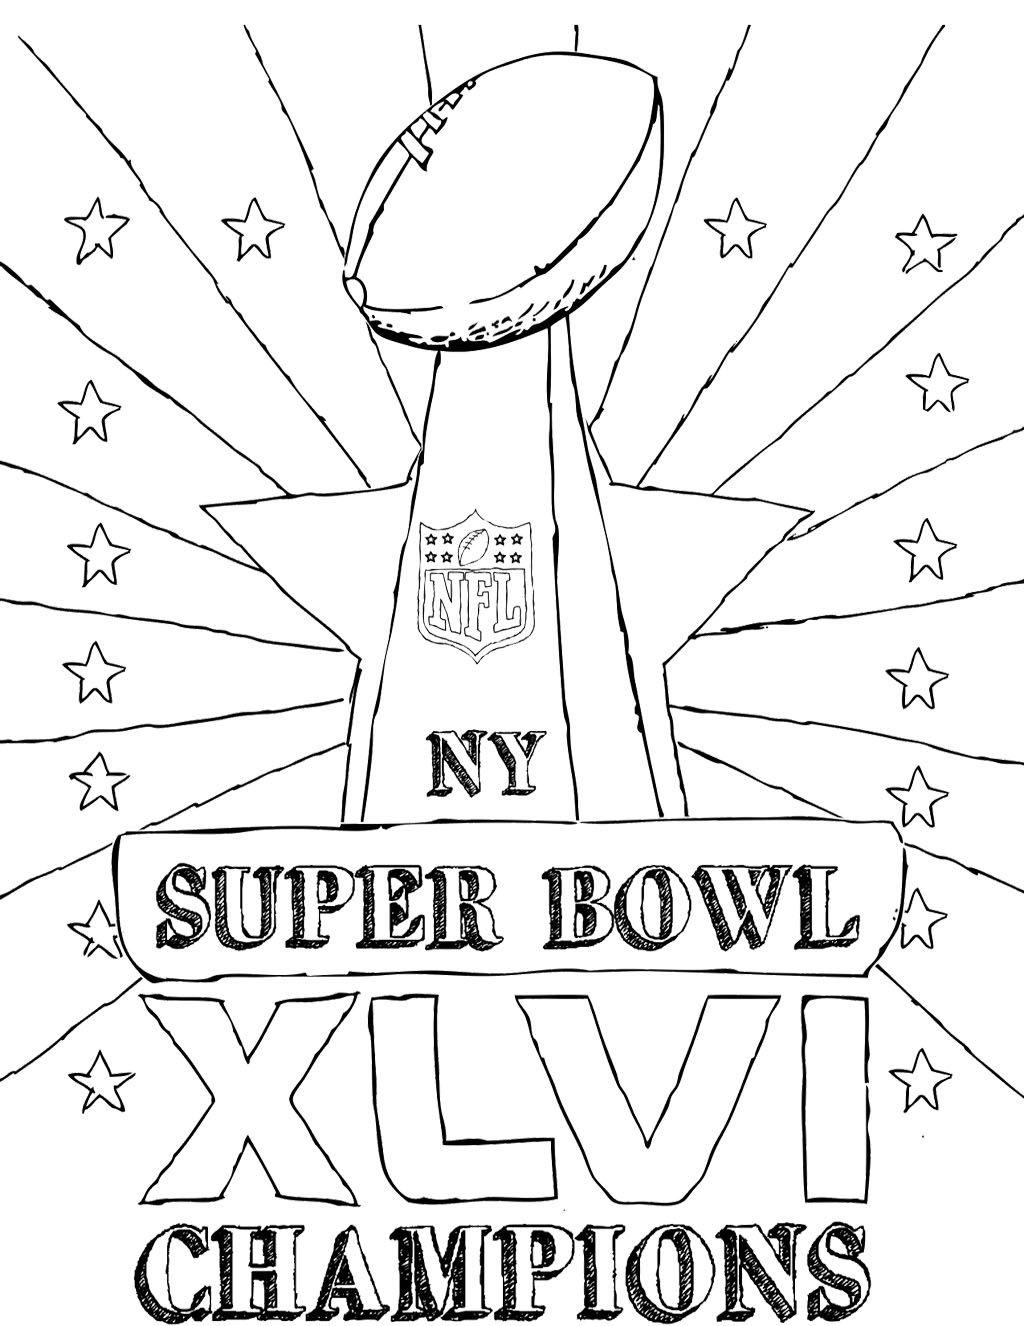 bb6f985ed863eab94360313aa2bb4fbf super bowl champions coloring page kids coloring pages on super bowl 25 square pool template